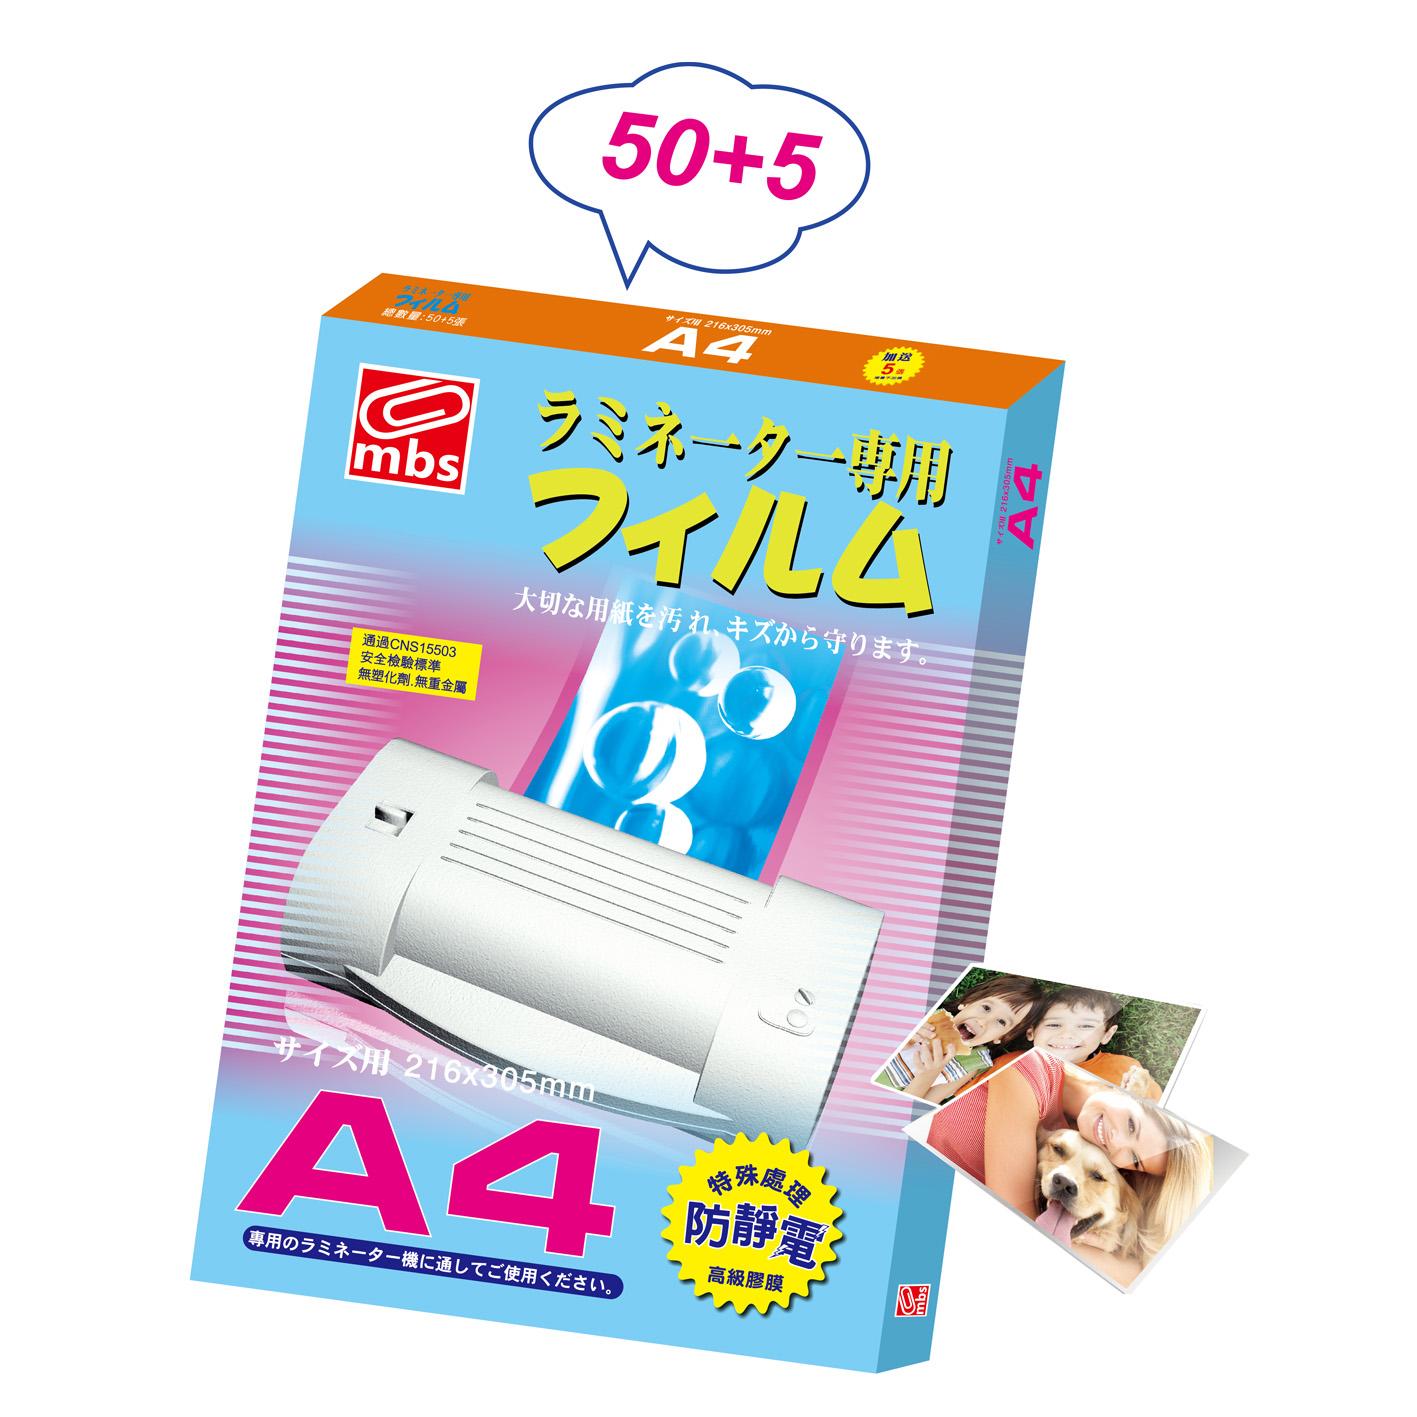 A4 防靜電護貝膠膜  (55張入)